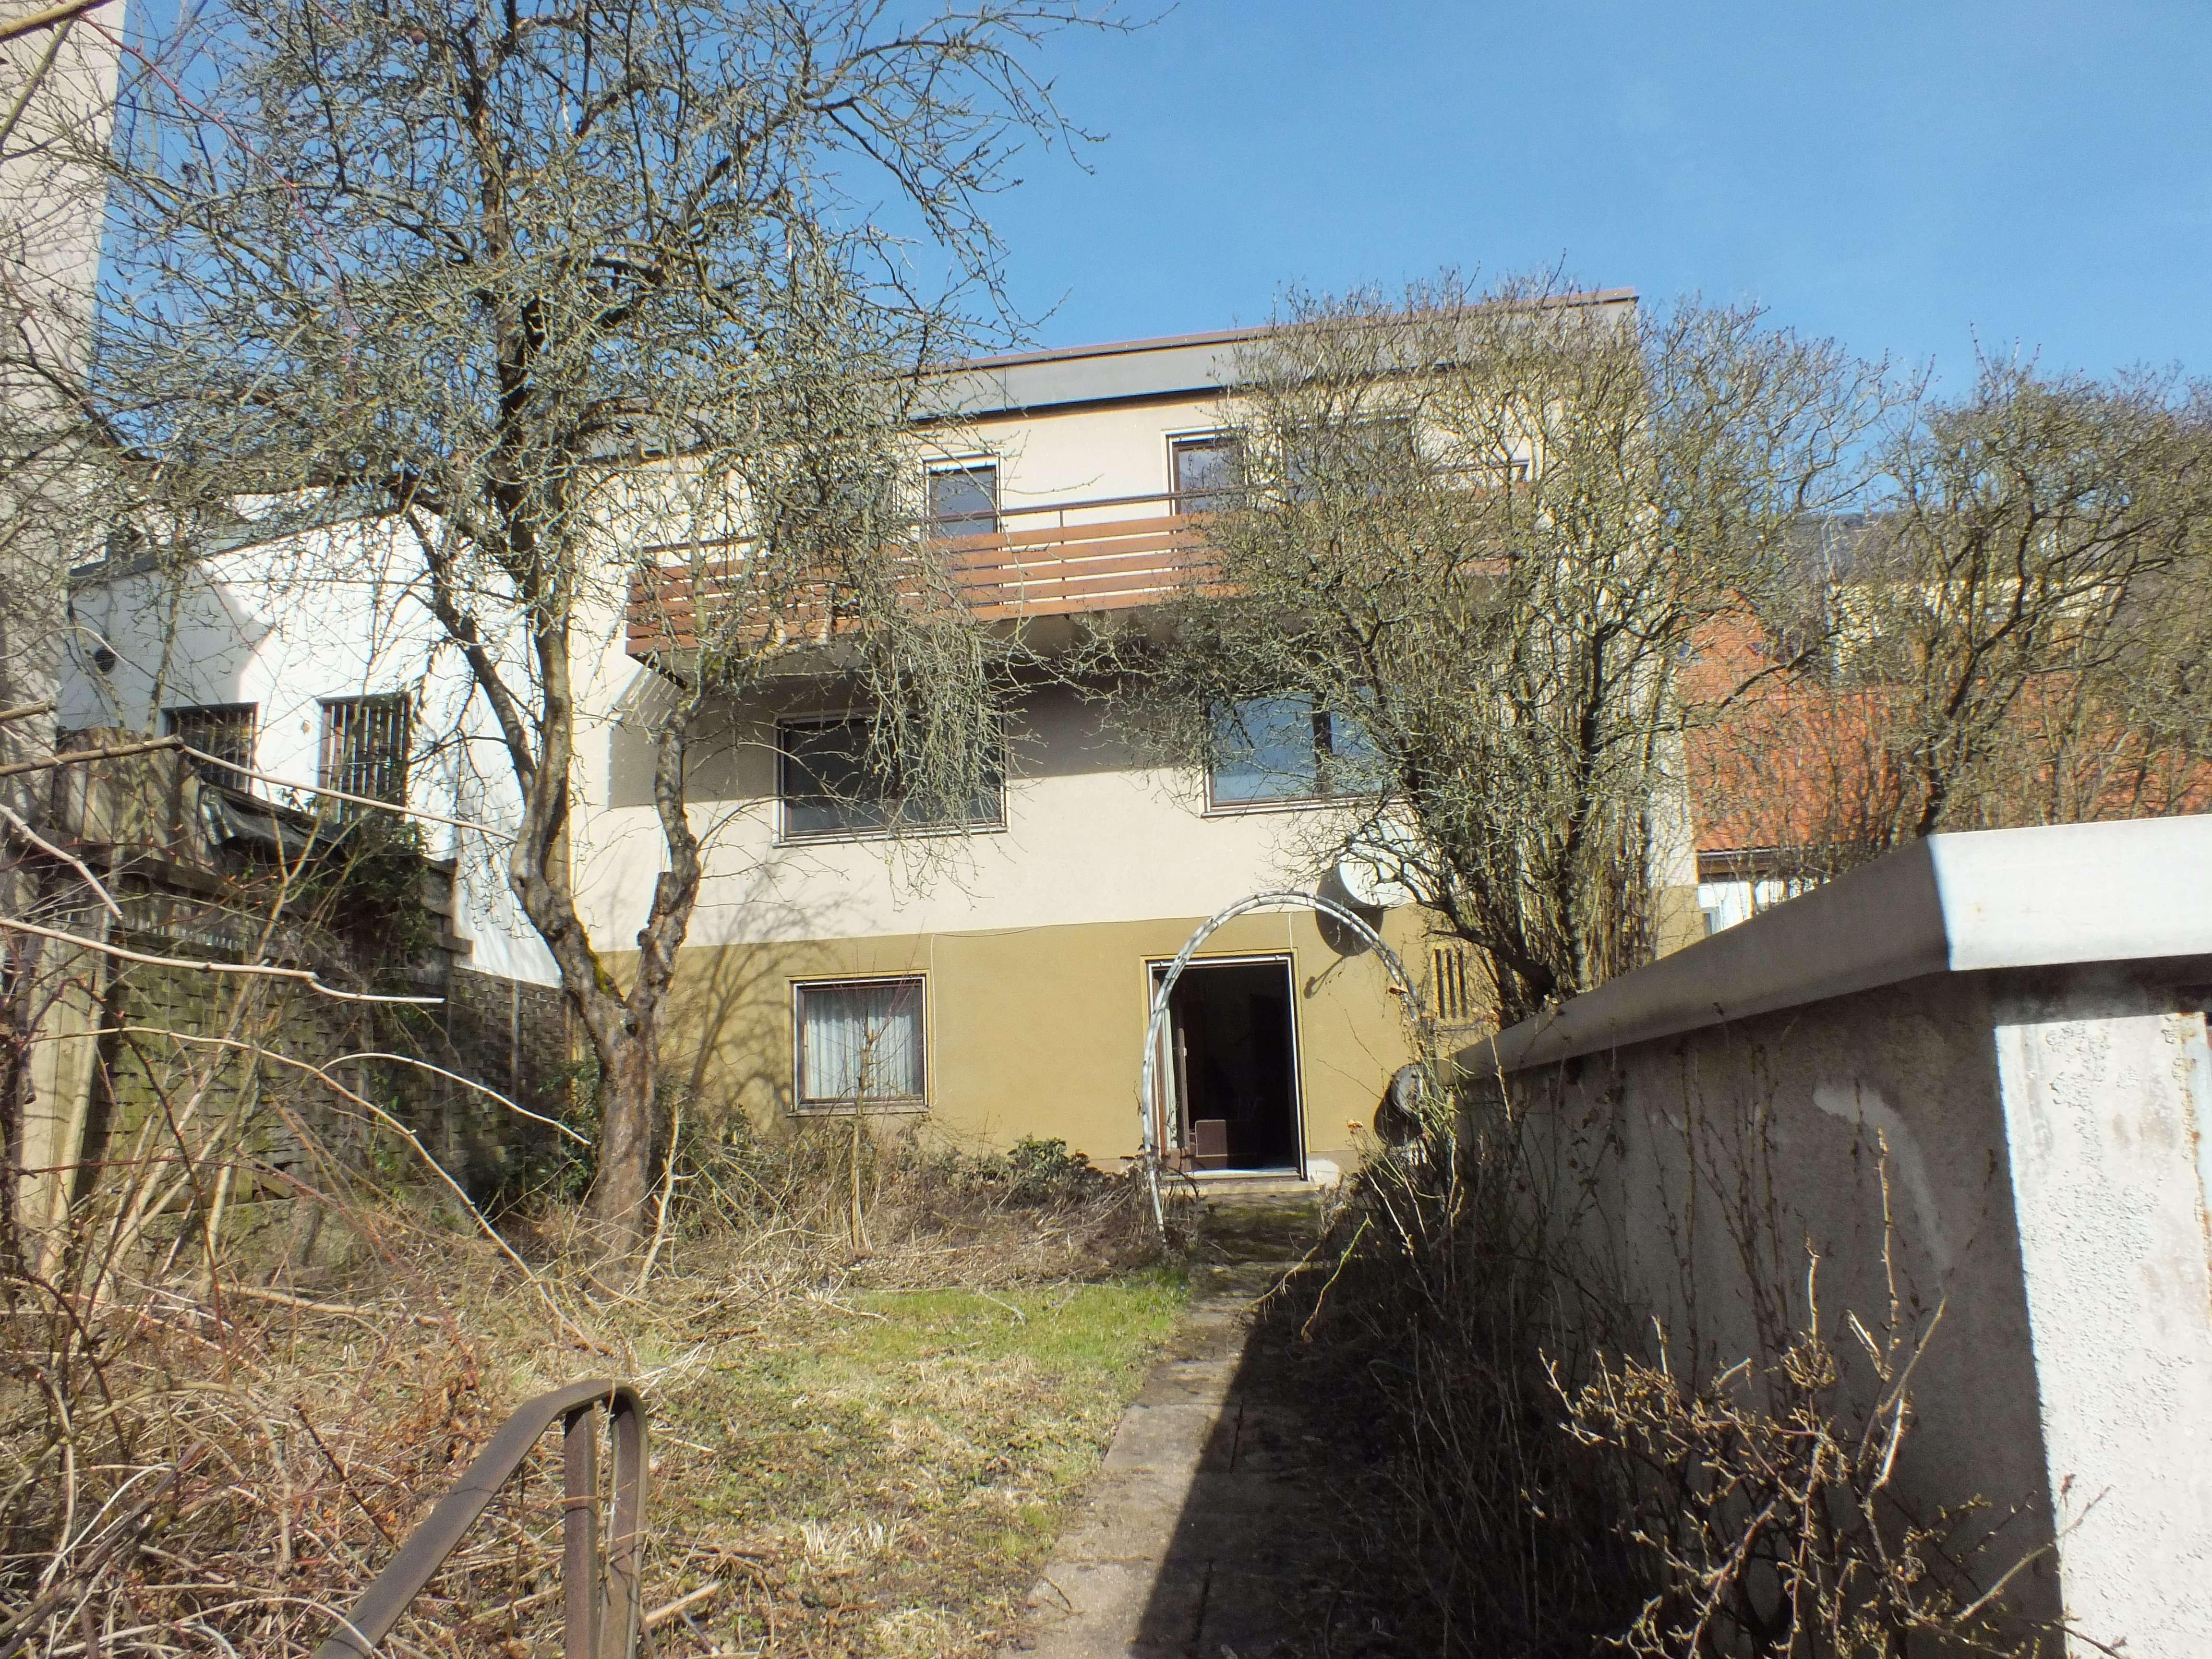 Marktredwitz / Stadtmitte 3 Zimmer Wohnung mit ca.105 qm Wfl und Balkon, zur Miete